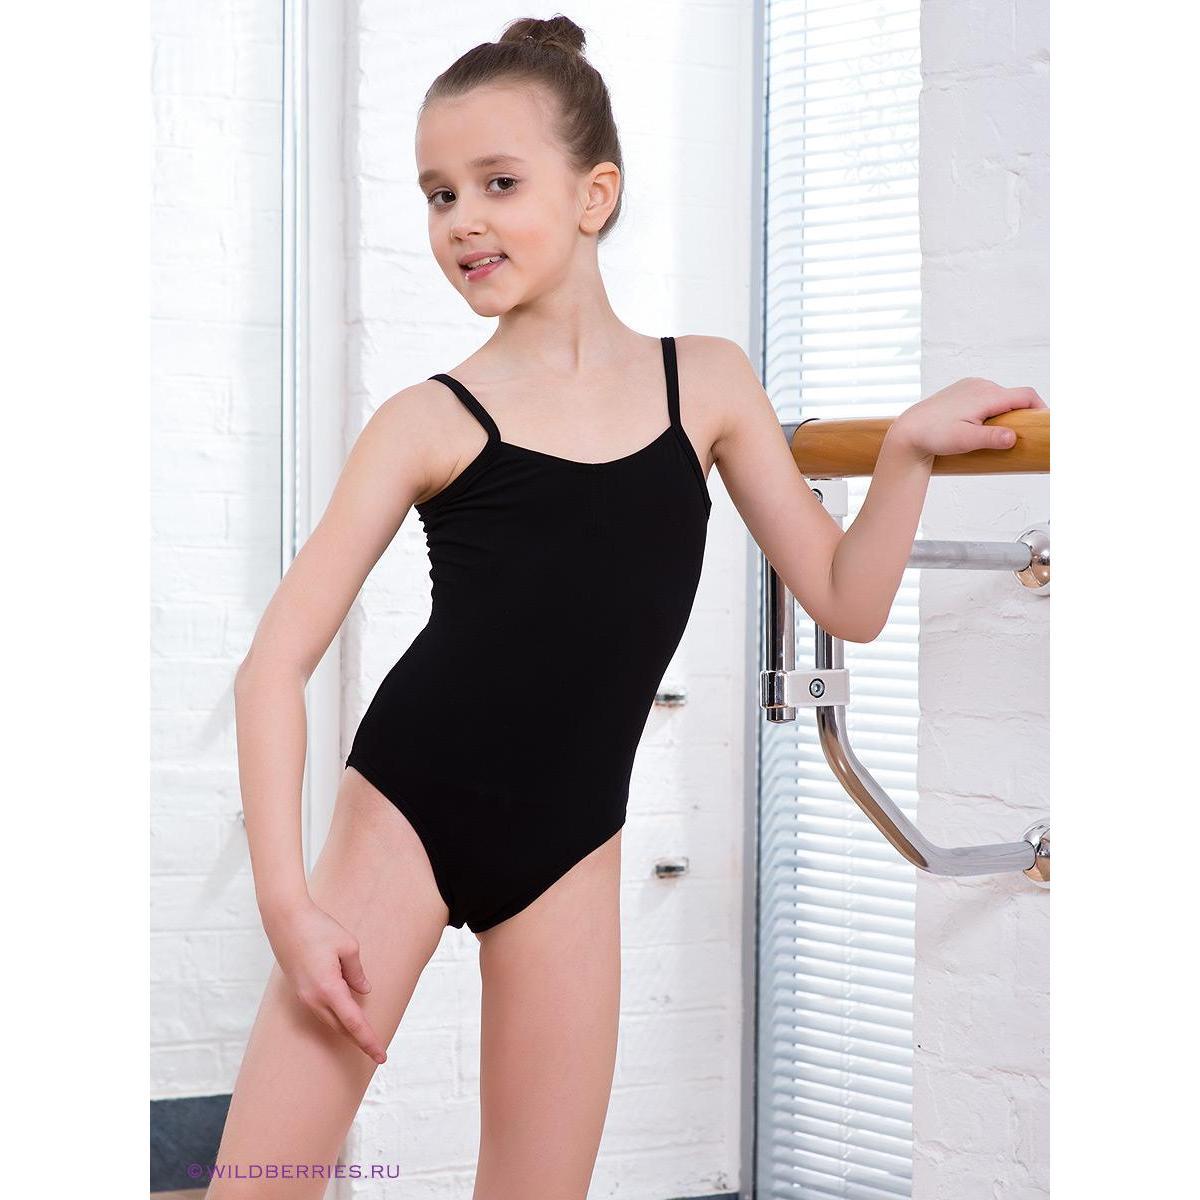 Фото детей в купальниках для гимнастики